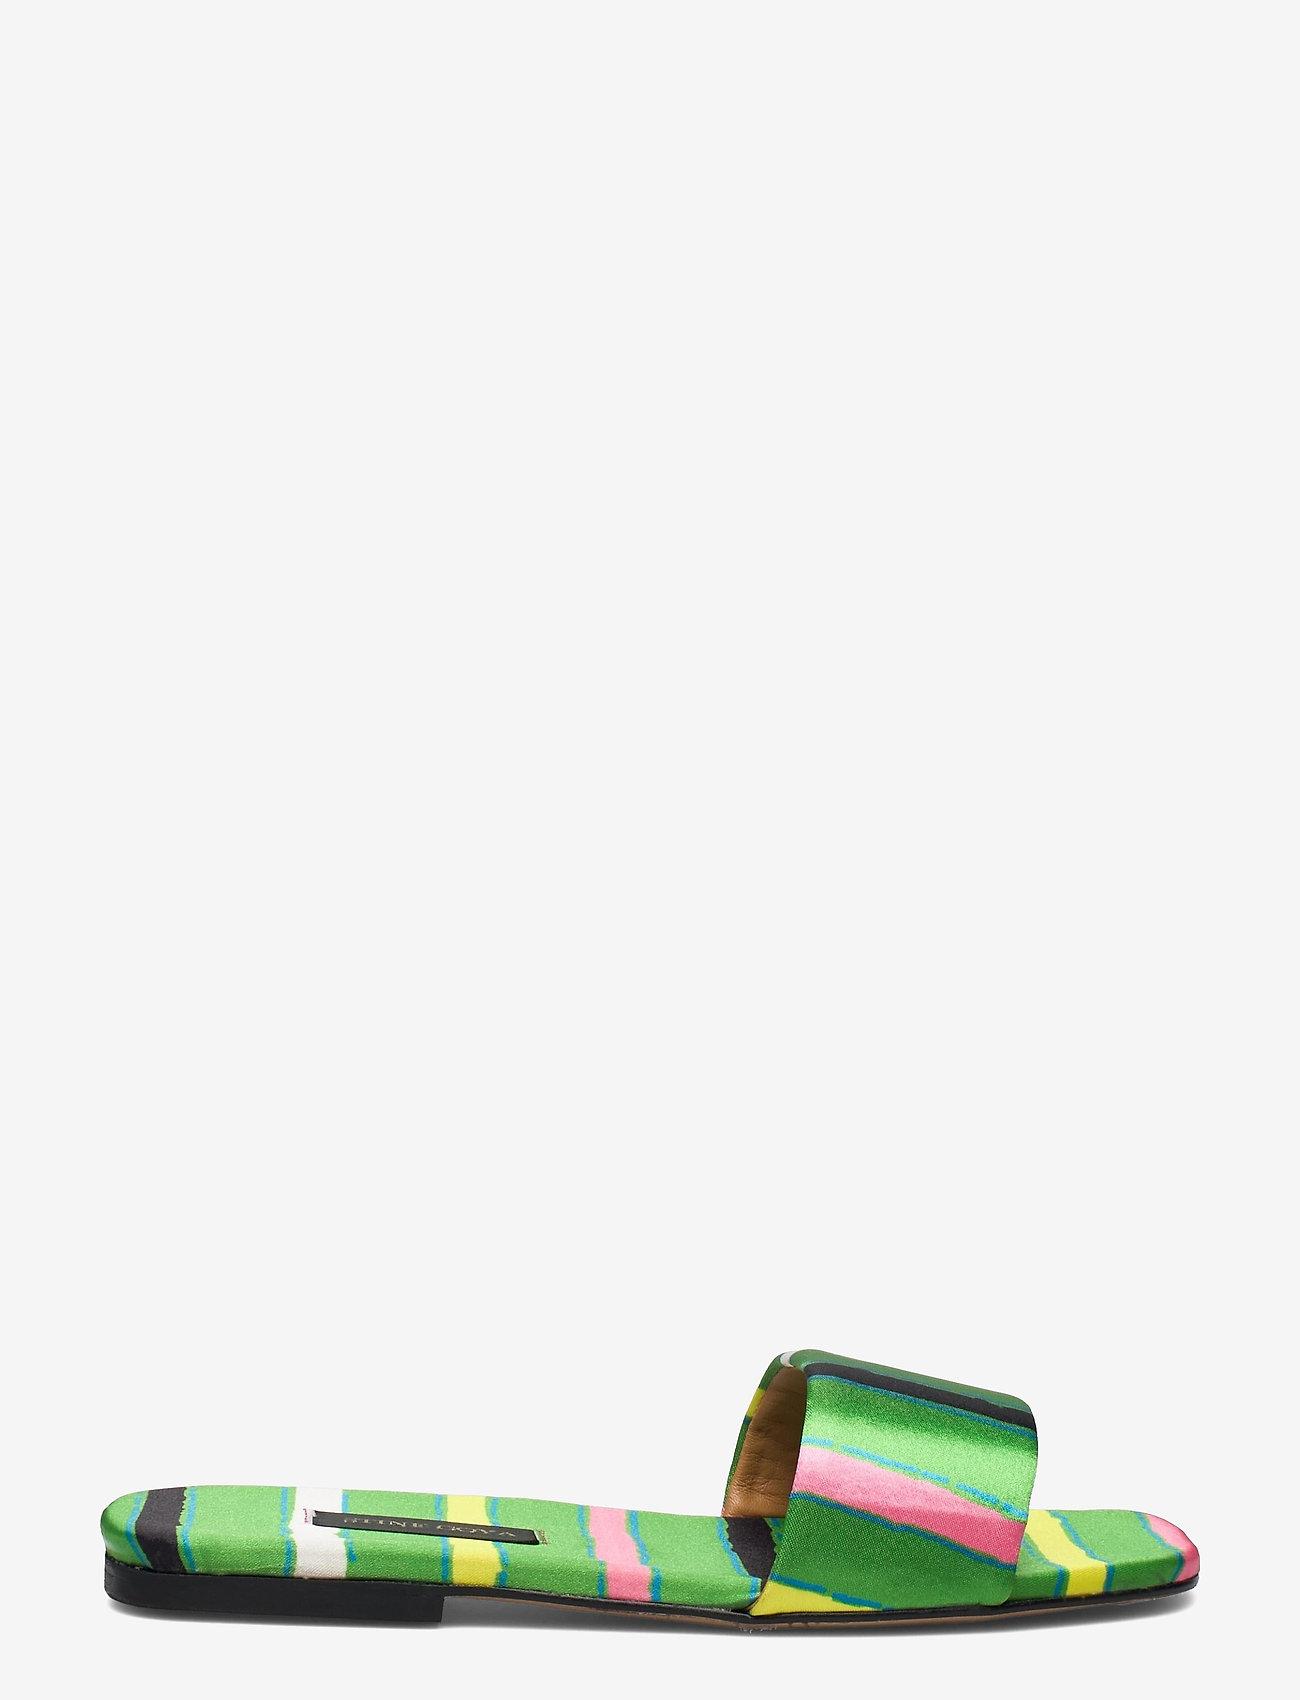 STINE GOYA - Henra, 1193 Satin Shoes - flade sandaler - stripes green - 1